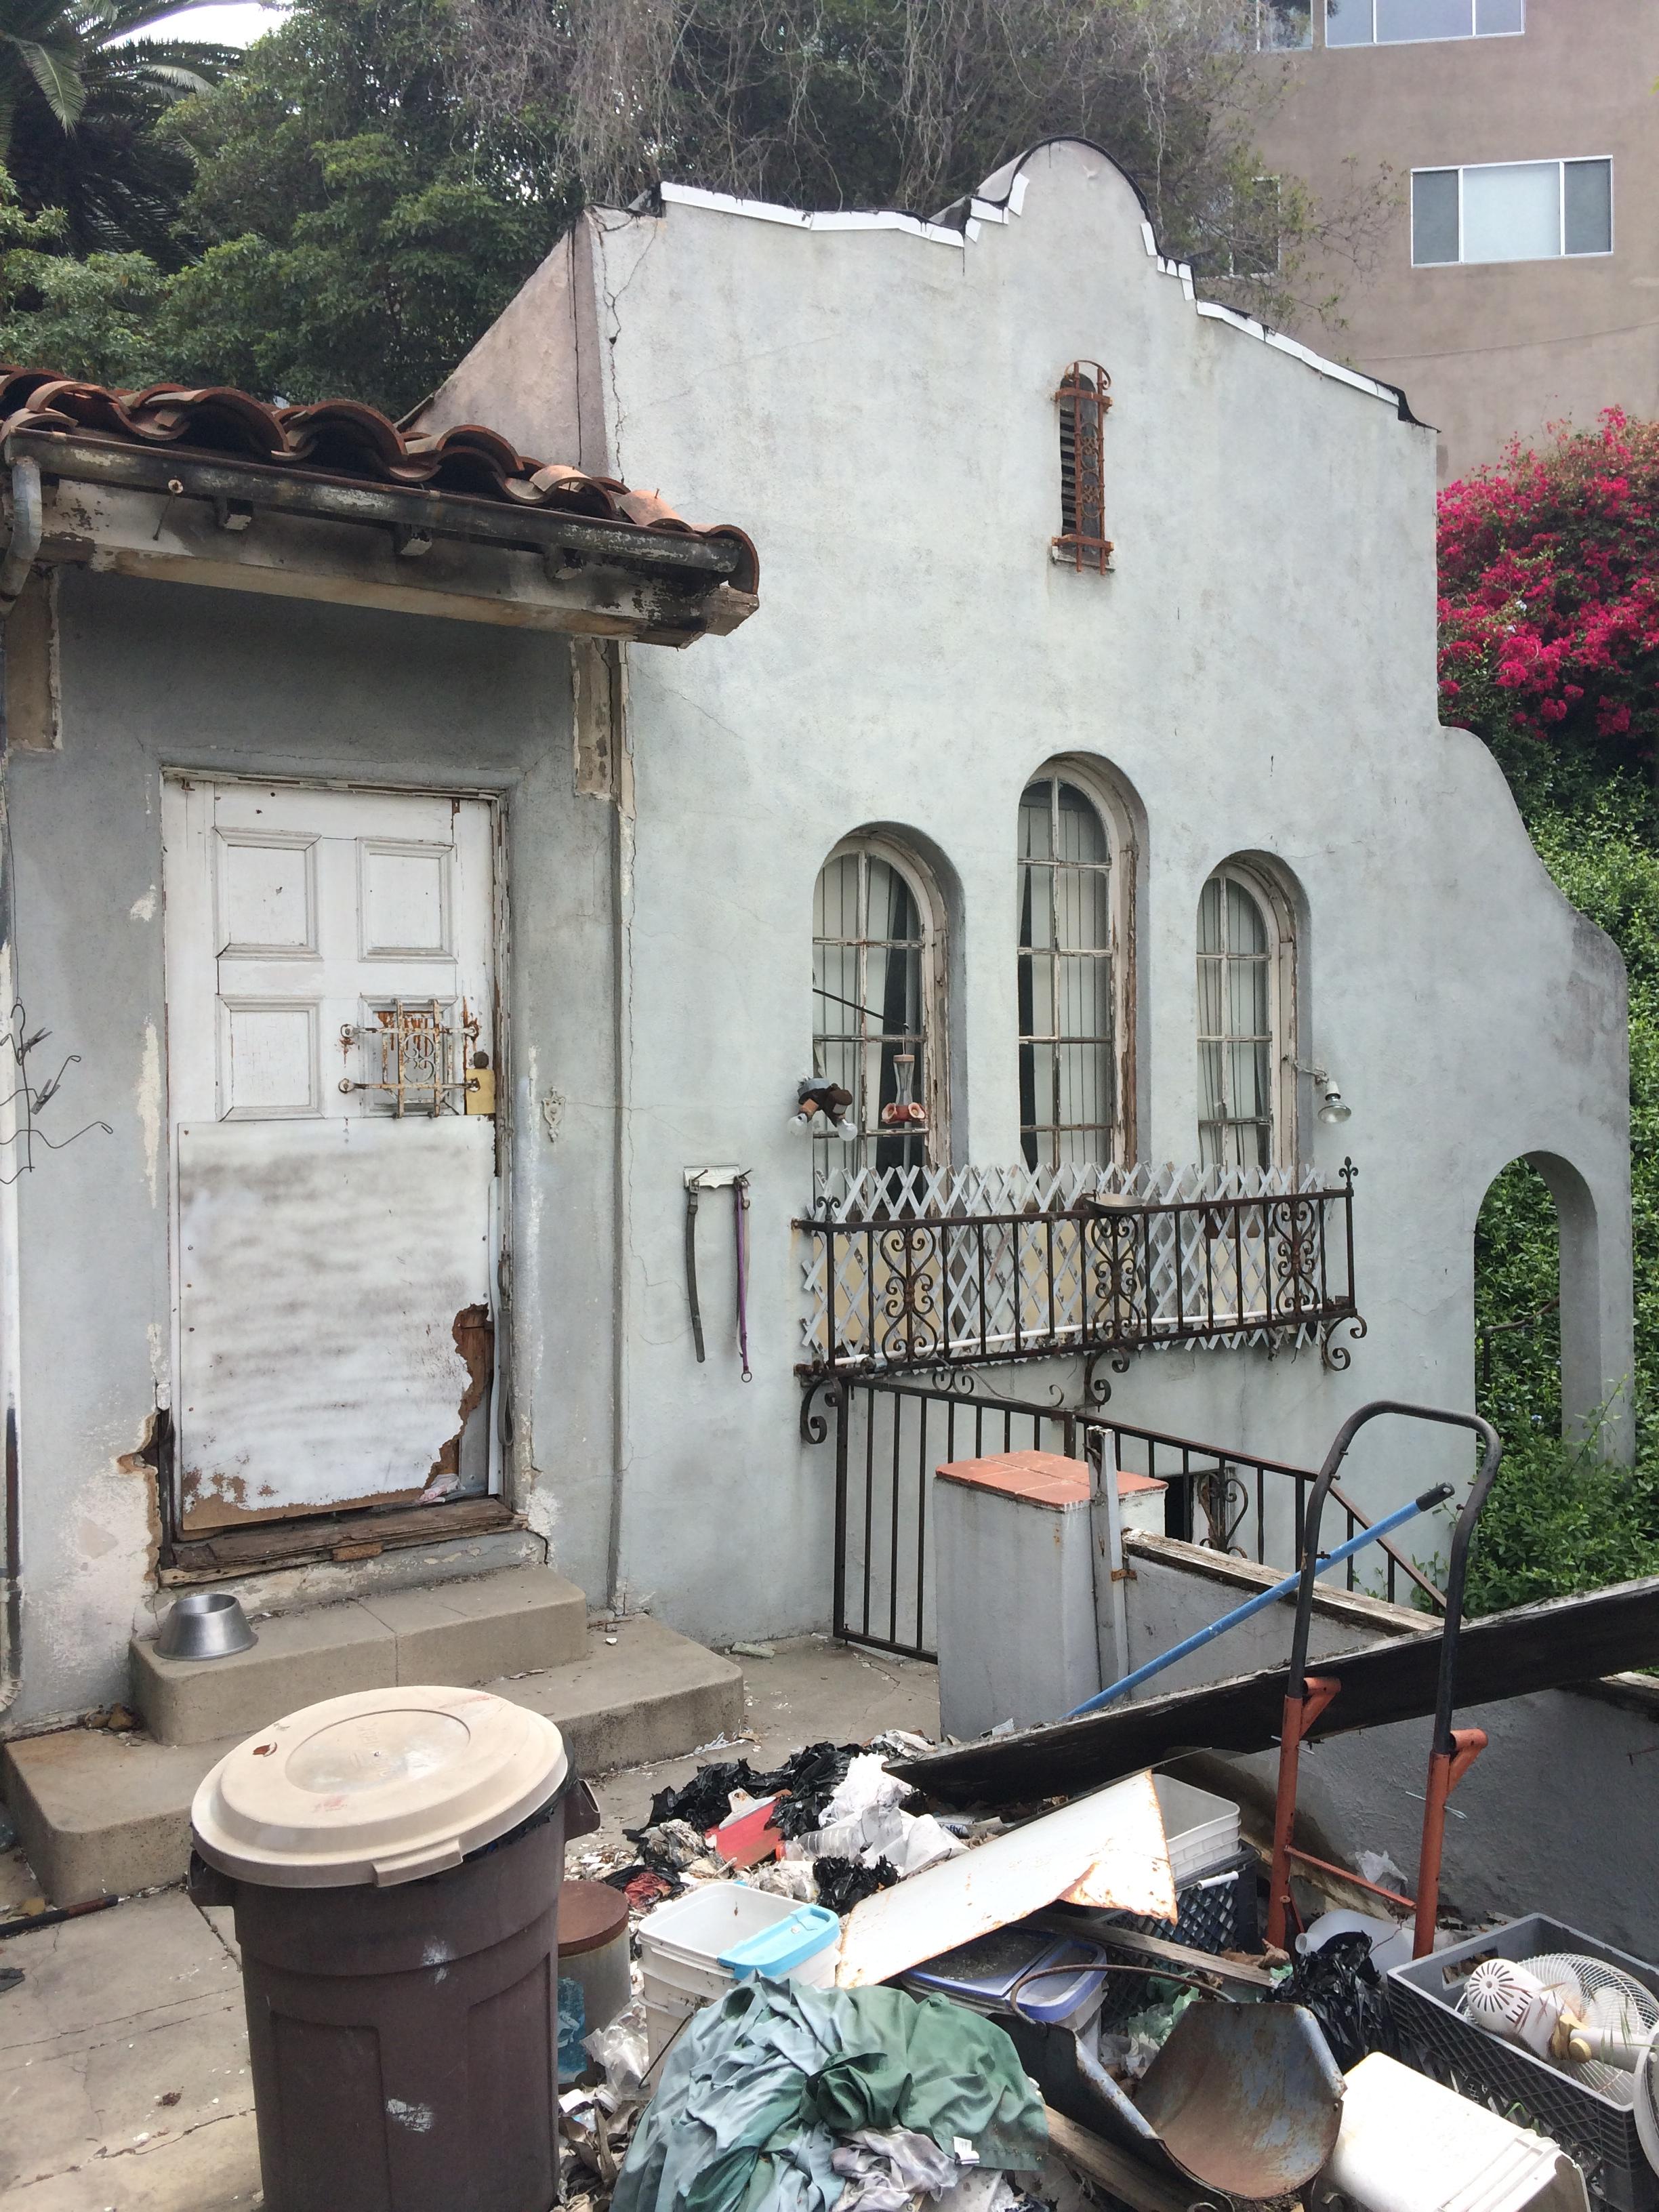 New project in los feliz kenihan development for Flipping houses in los angeles